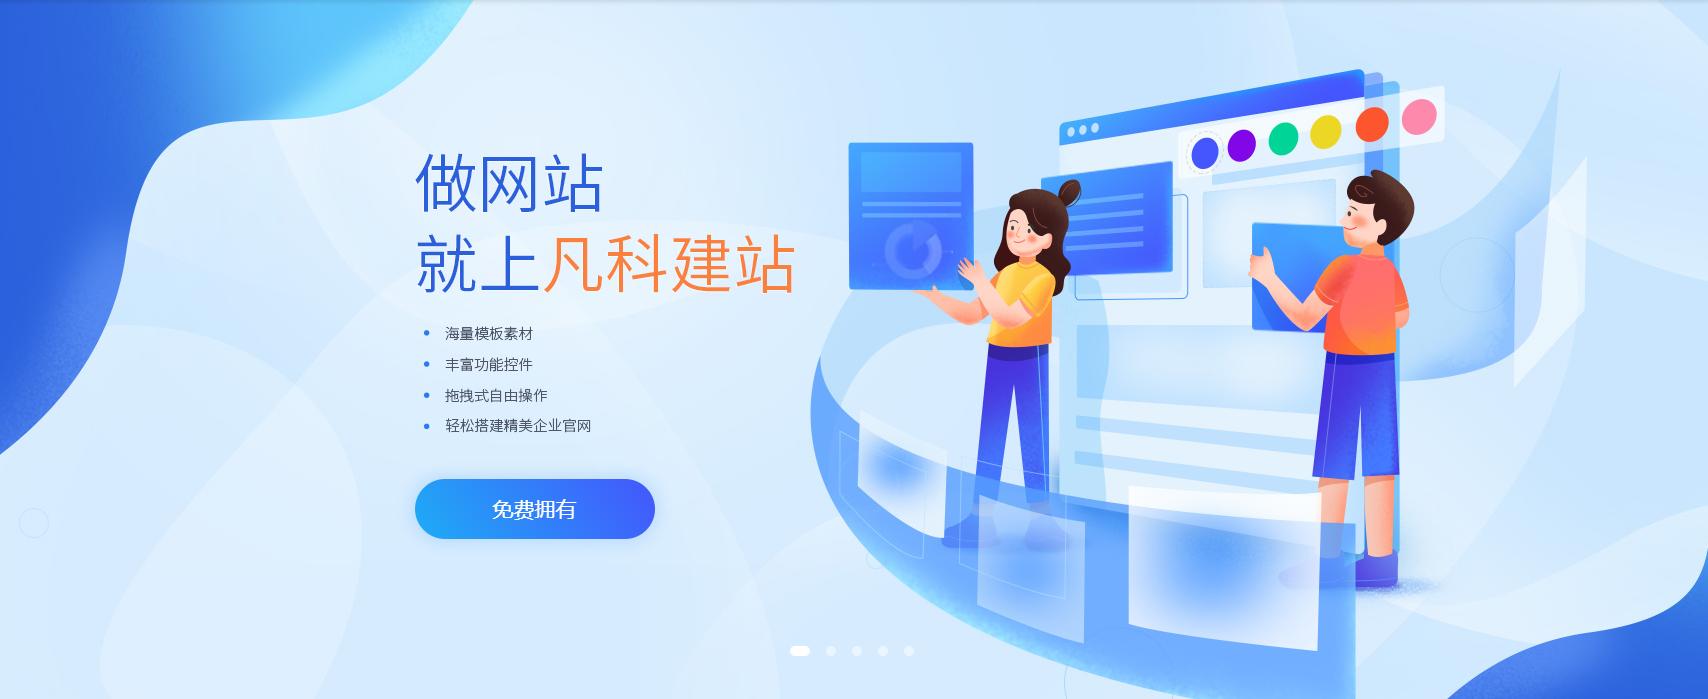 网站视觉设计